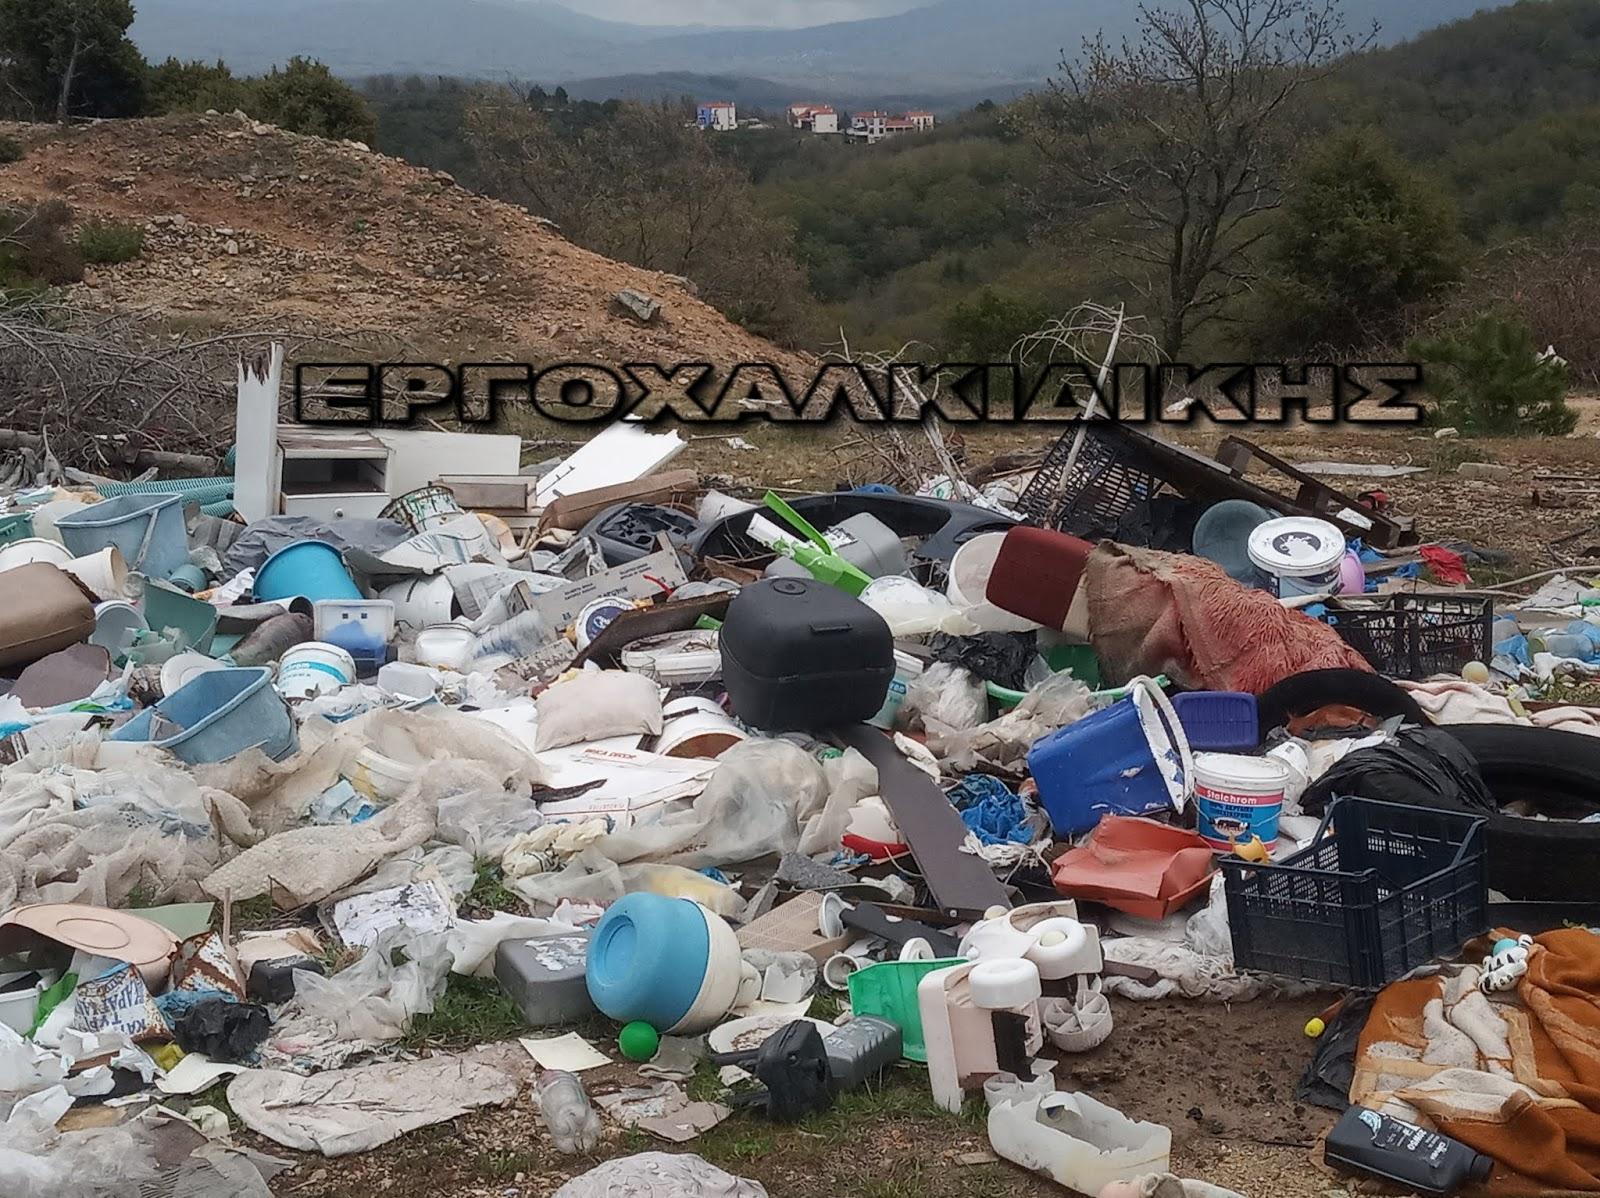 Δήμος Αριστοτέλη: Το κυνήγι των Μαγισσών